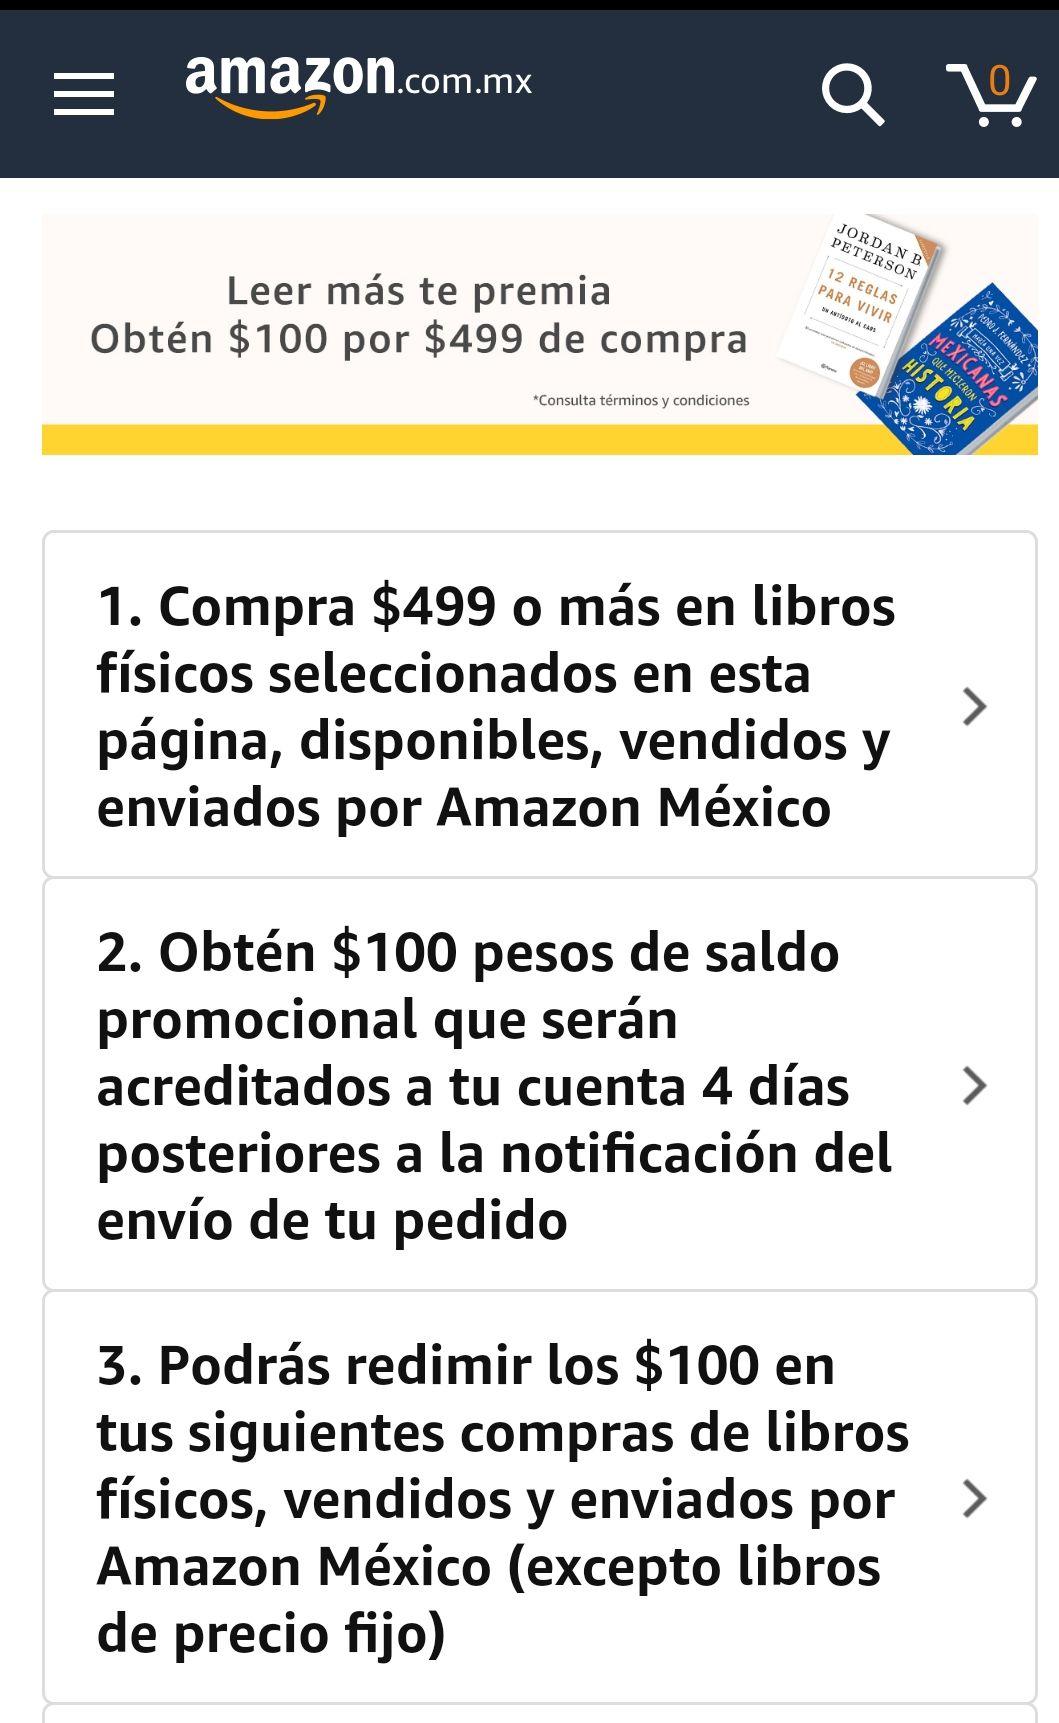 Amazon: $100 de regalo por $499 en compras de libros seleccionados